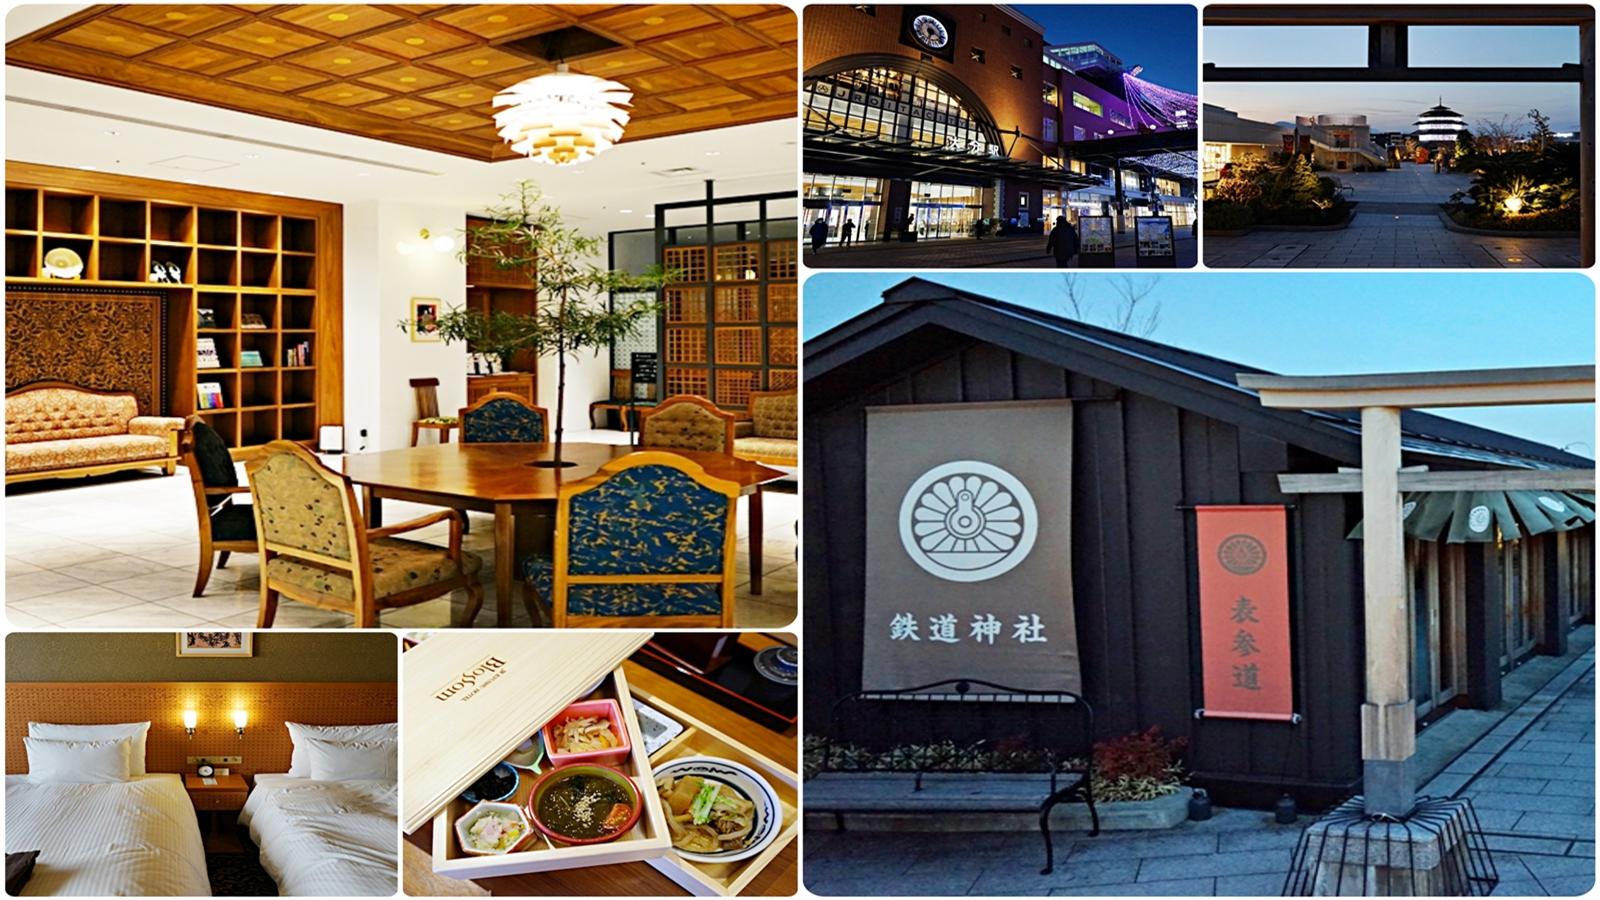 『日本。九州』 大分JR九州布魯斯姆酒店(JR Kyushu Hotel Blossom Oita)|大分駅直結的JR九州大分Blossom飯店,由九州七星列車設計師 水戸岡大師設計的低調奢華風,露天溫泉、三溫暖、鐵道神社、美味質感早餐、訂房飯店評分幾乎滿分 網路激推大分必住|2019年0211-0214九州大分近郊自駕山海遊 農泊體驗四天三夜之旅